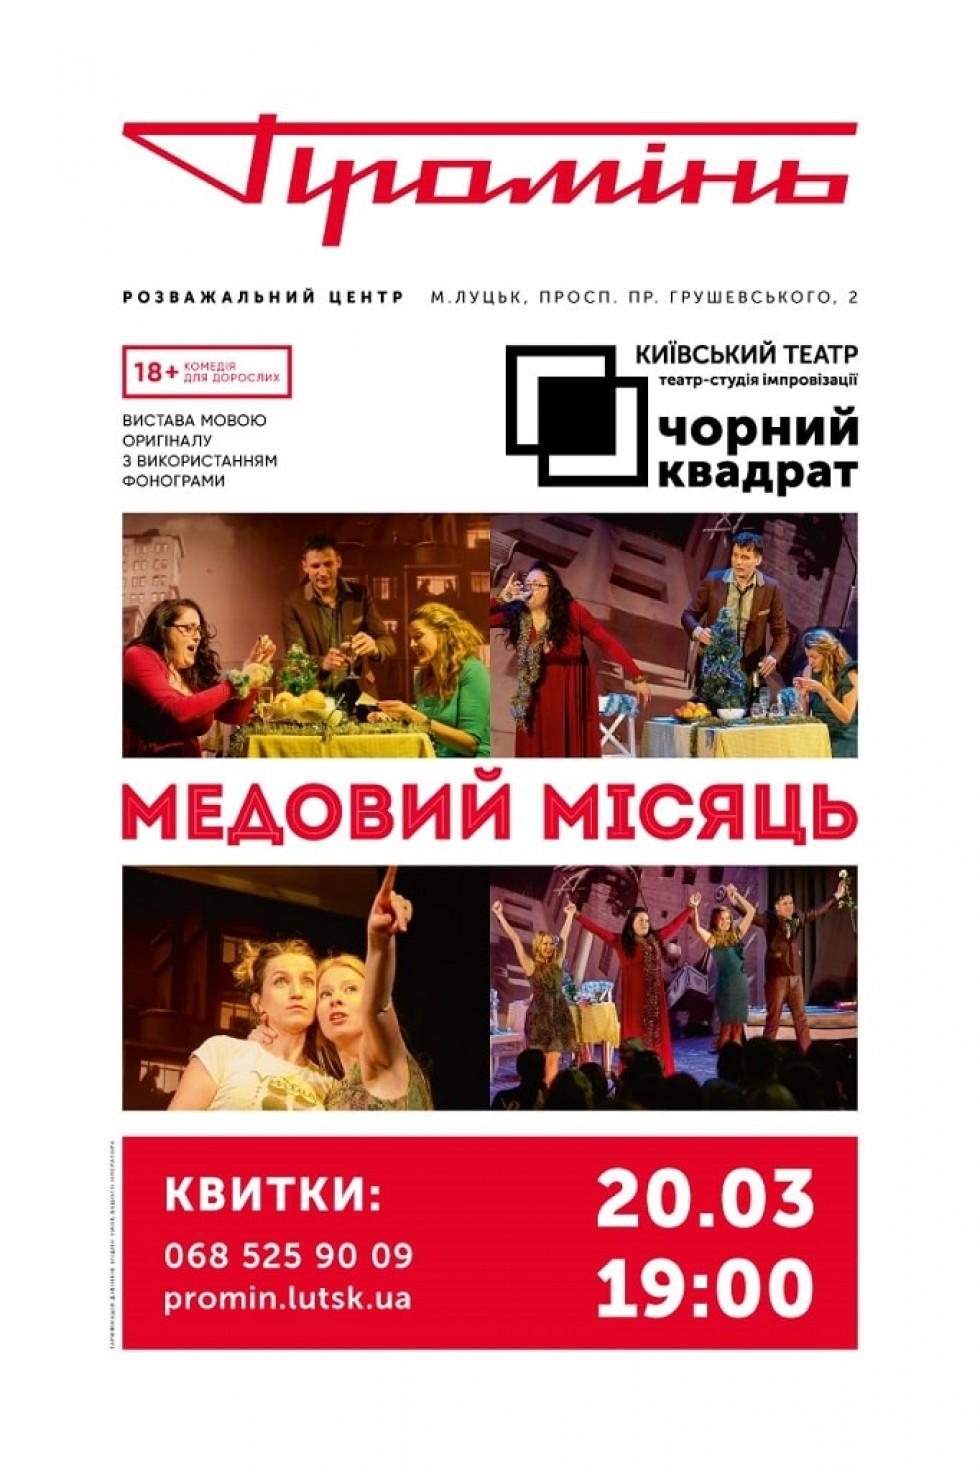 Спектакль театру «Чорний квадрат» – «Медовий місяць»